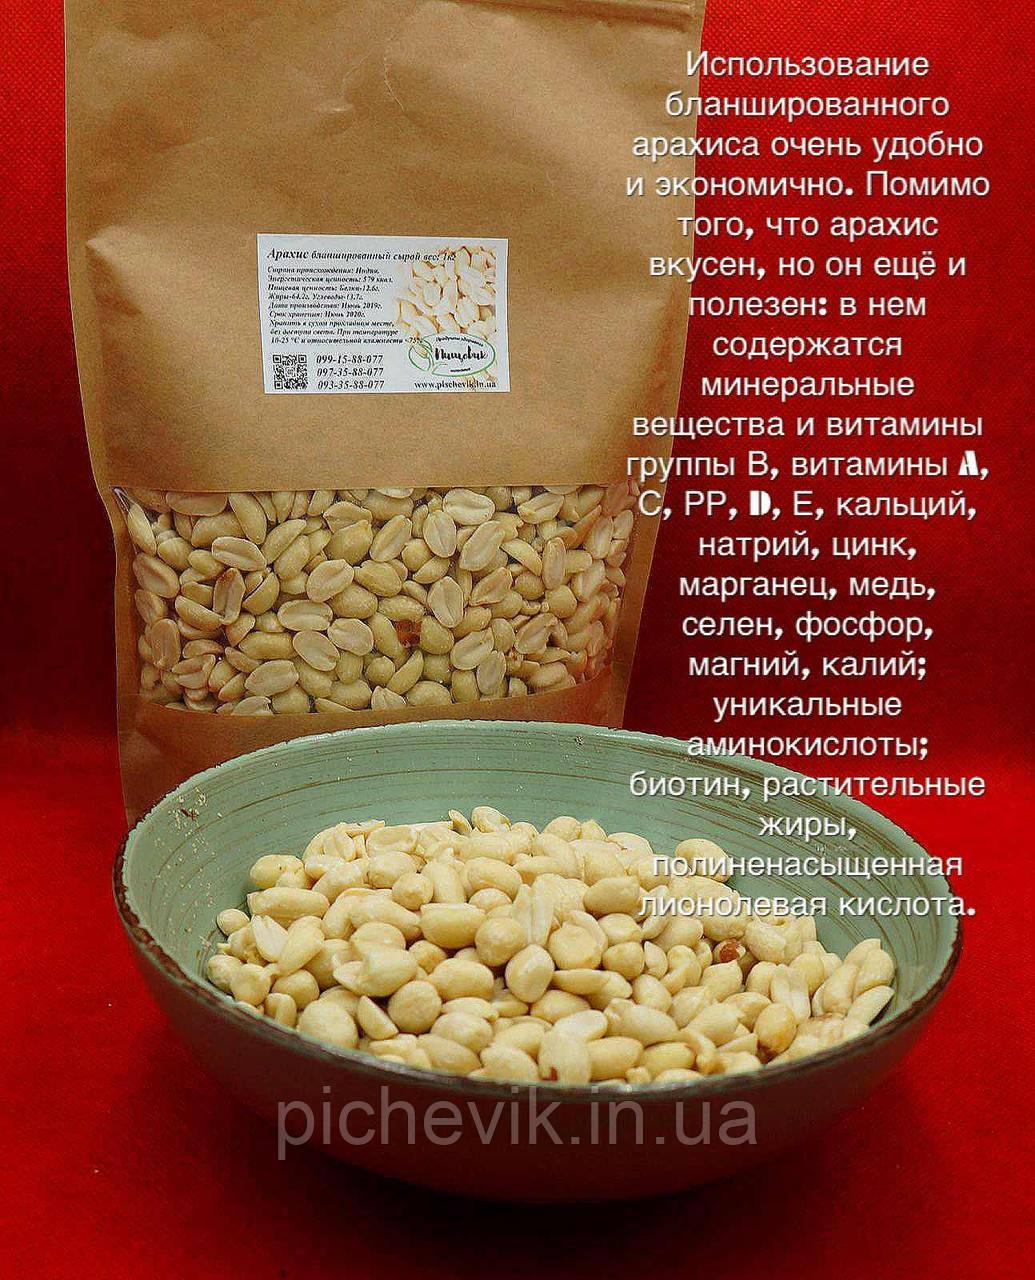 Арахис сырой бланшированный (Индия) вес:1кг